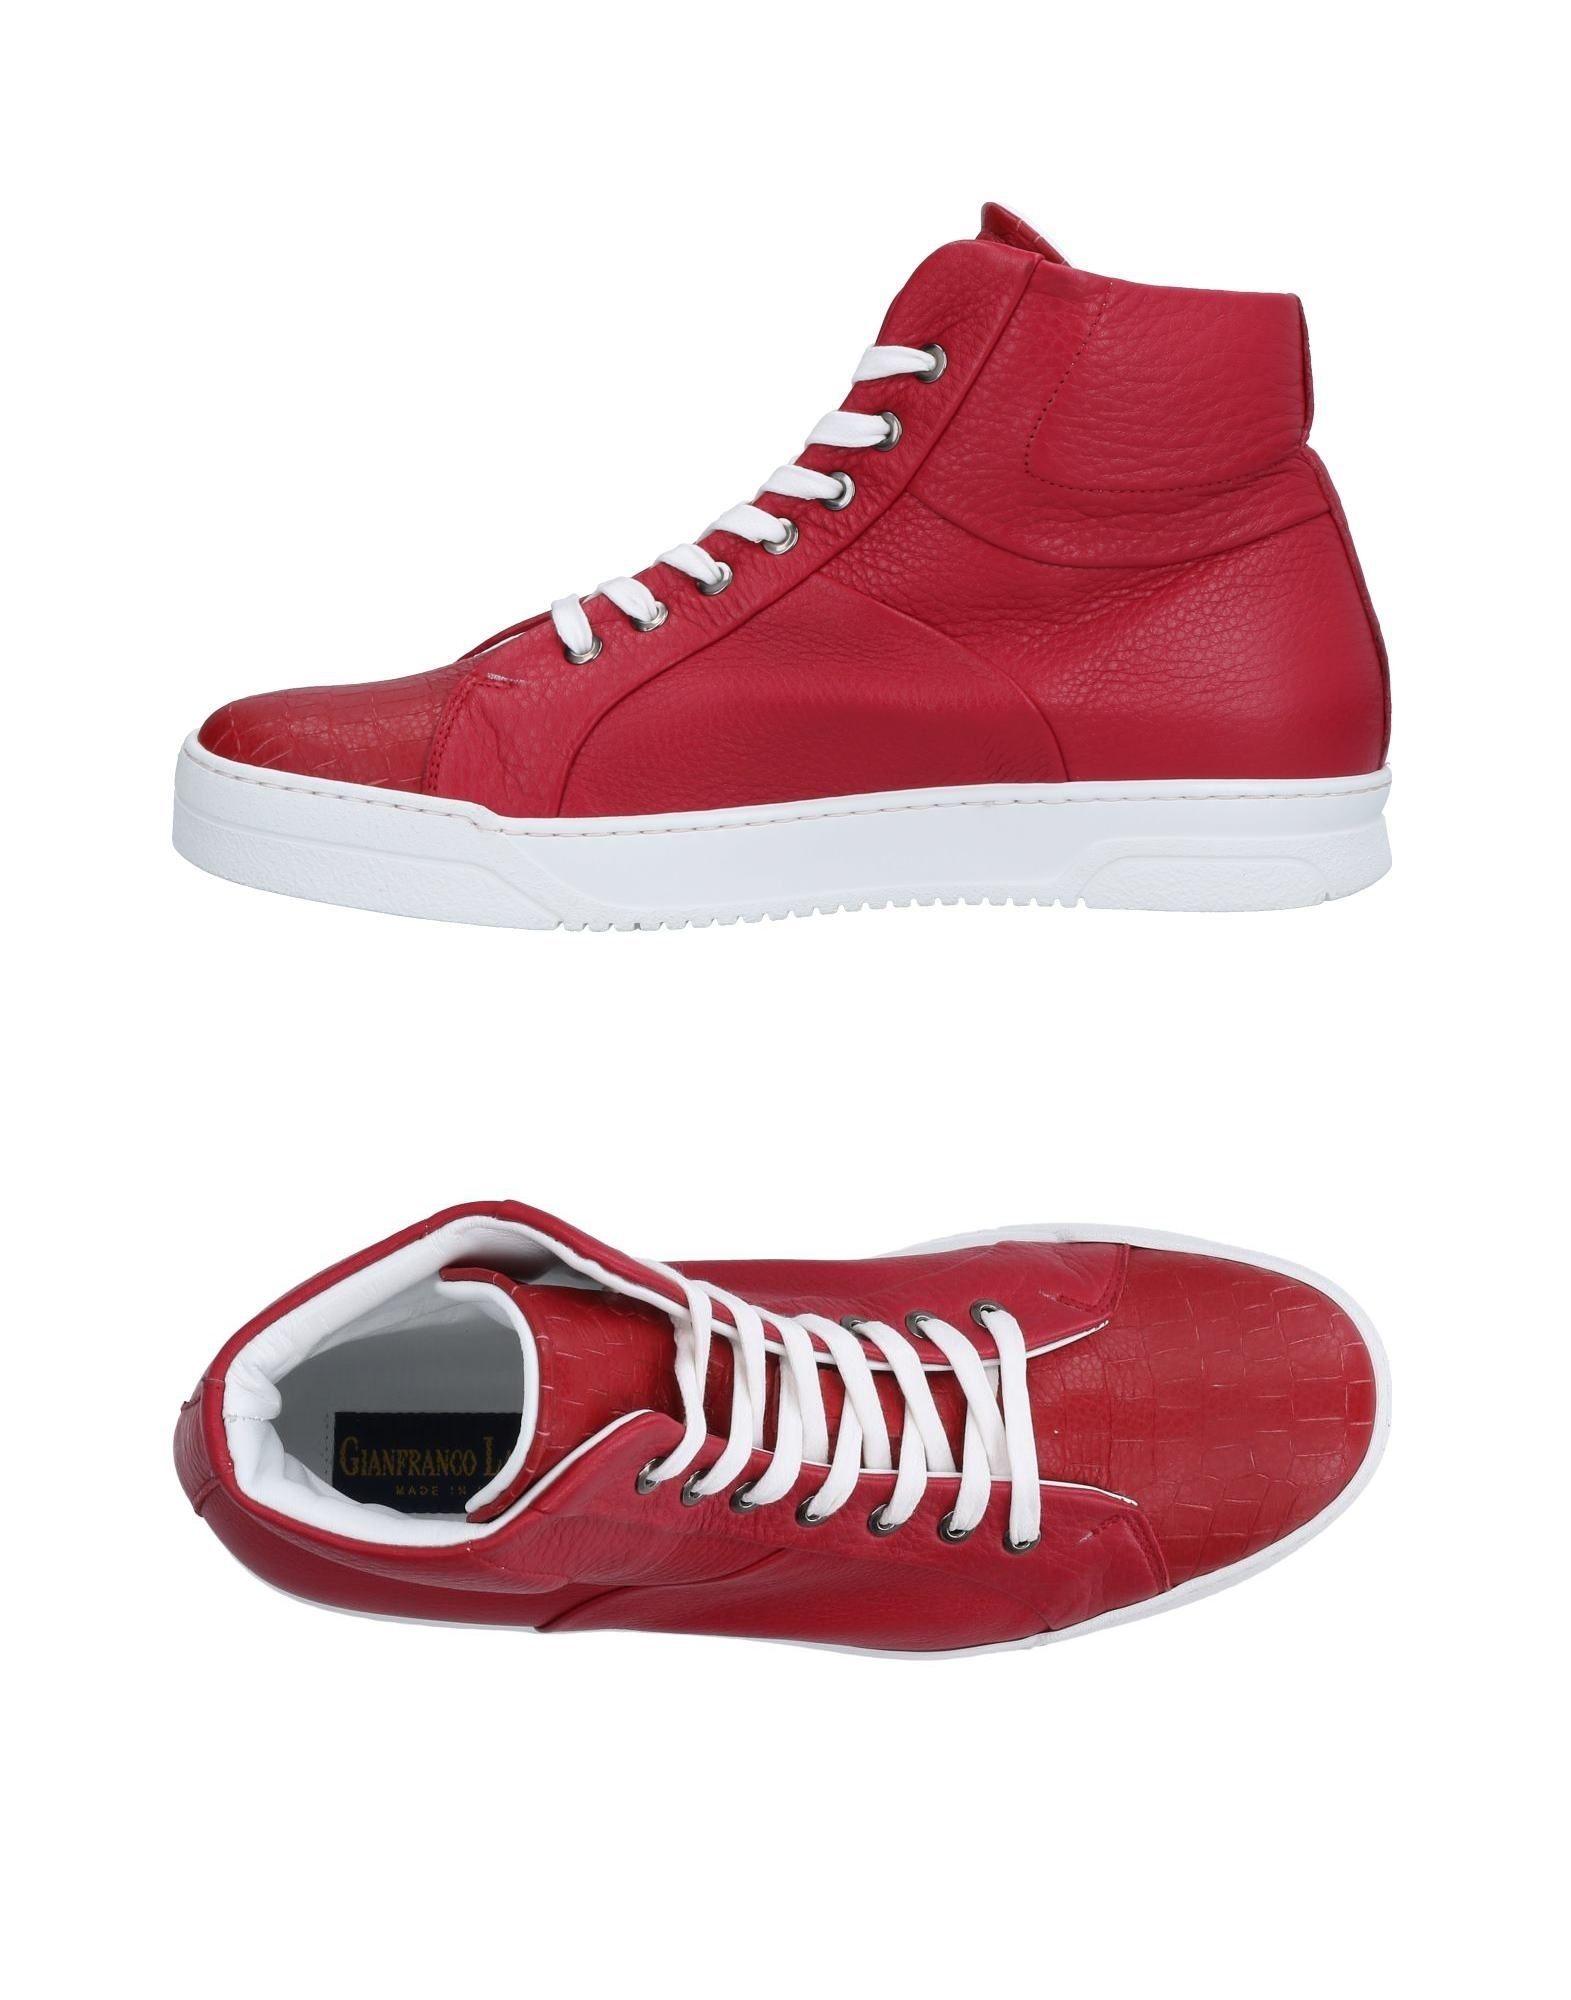 Sneakers Gianfranco Lattanzi Homme - Sneakers Gianfranco Lattanzi  Noir Dernières chaussures discount pour hommes et femmes